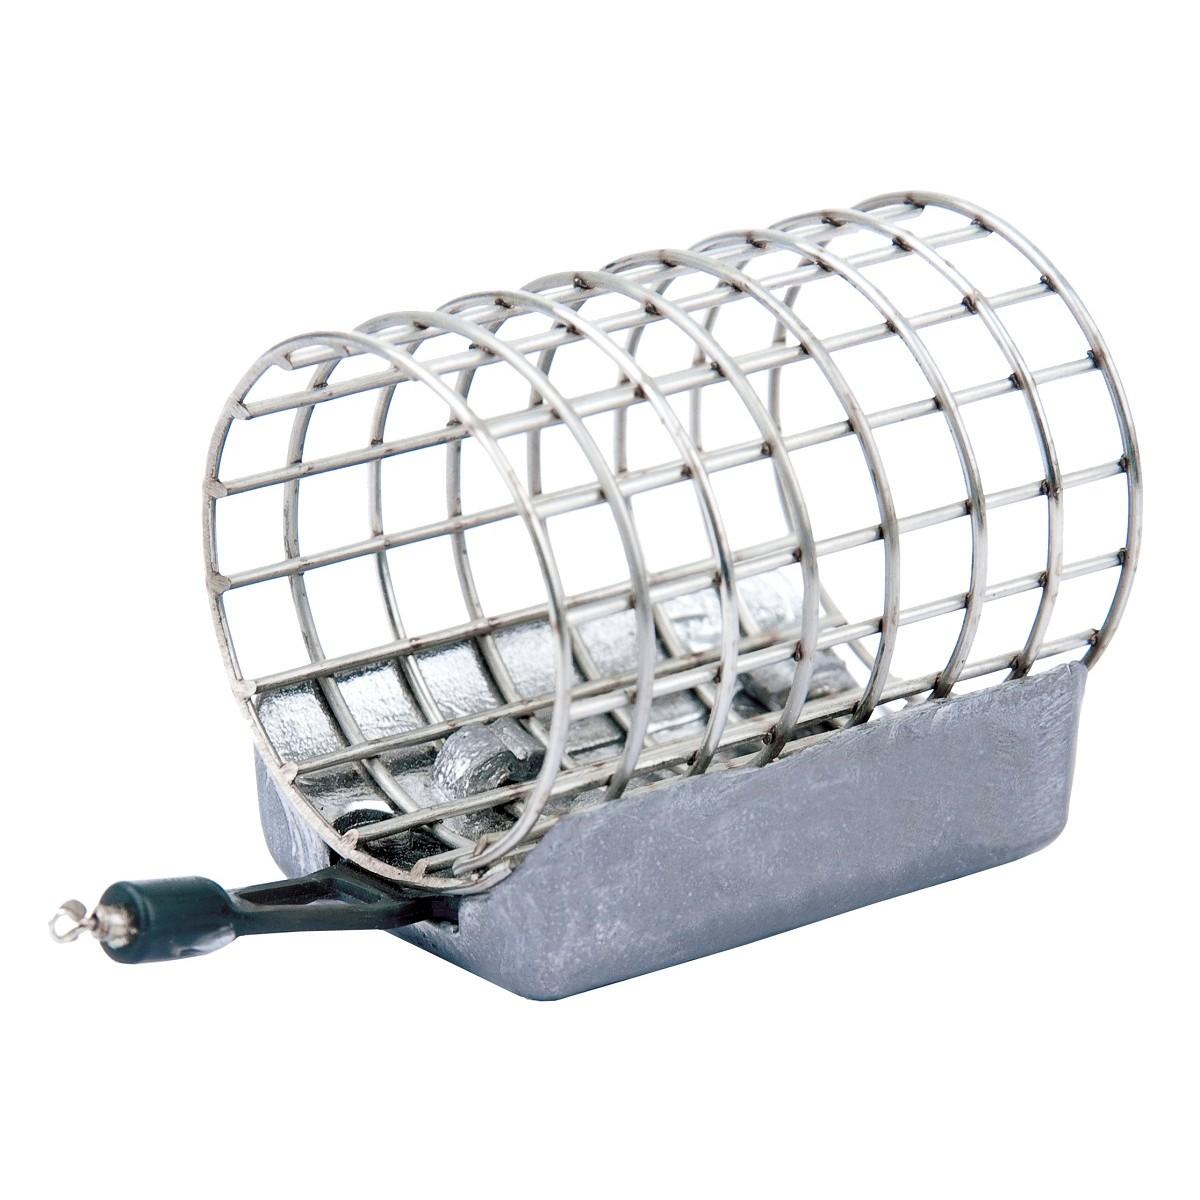 Фидер кошничка Matrix Stainless Steel Cage Feeder Medium